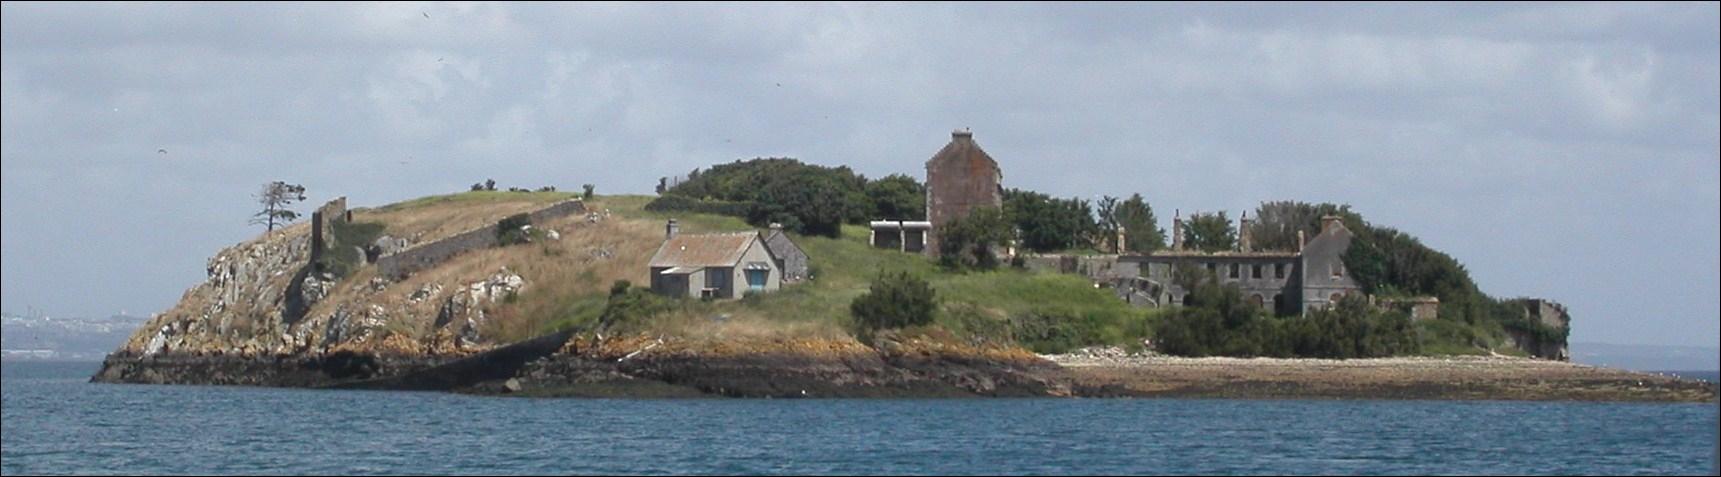 L'île des Morts tient son nom du fait qu'elle servait de sépulture aux personnes décédées sur l'île voisine de Trébéron. Cette île est...